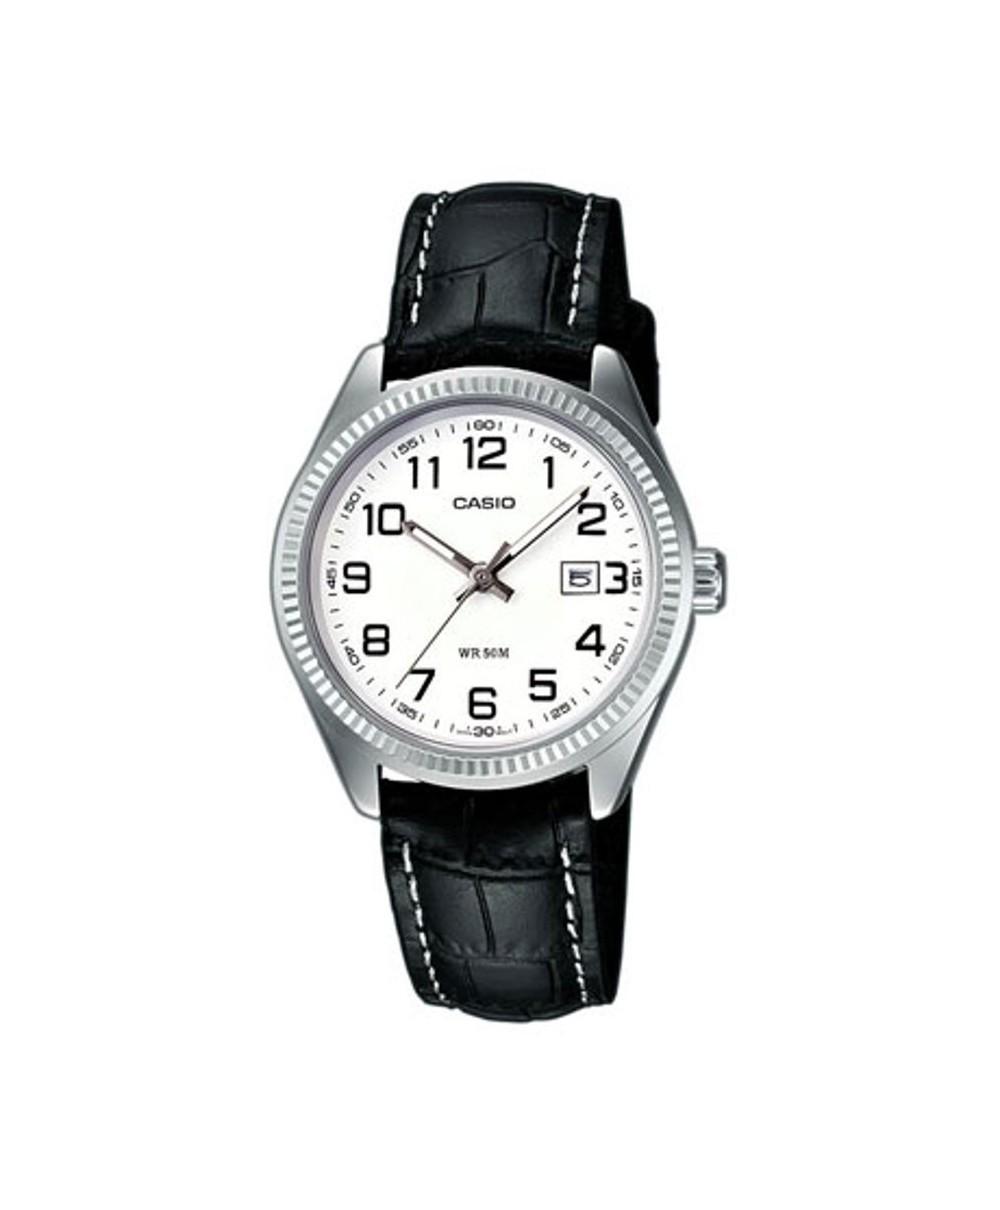 b8ec2946b9e2 Reloj Casio LTP-1302L-7B